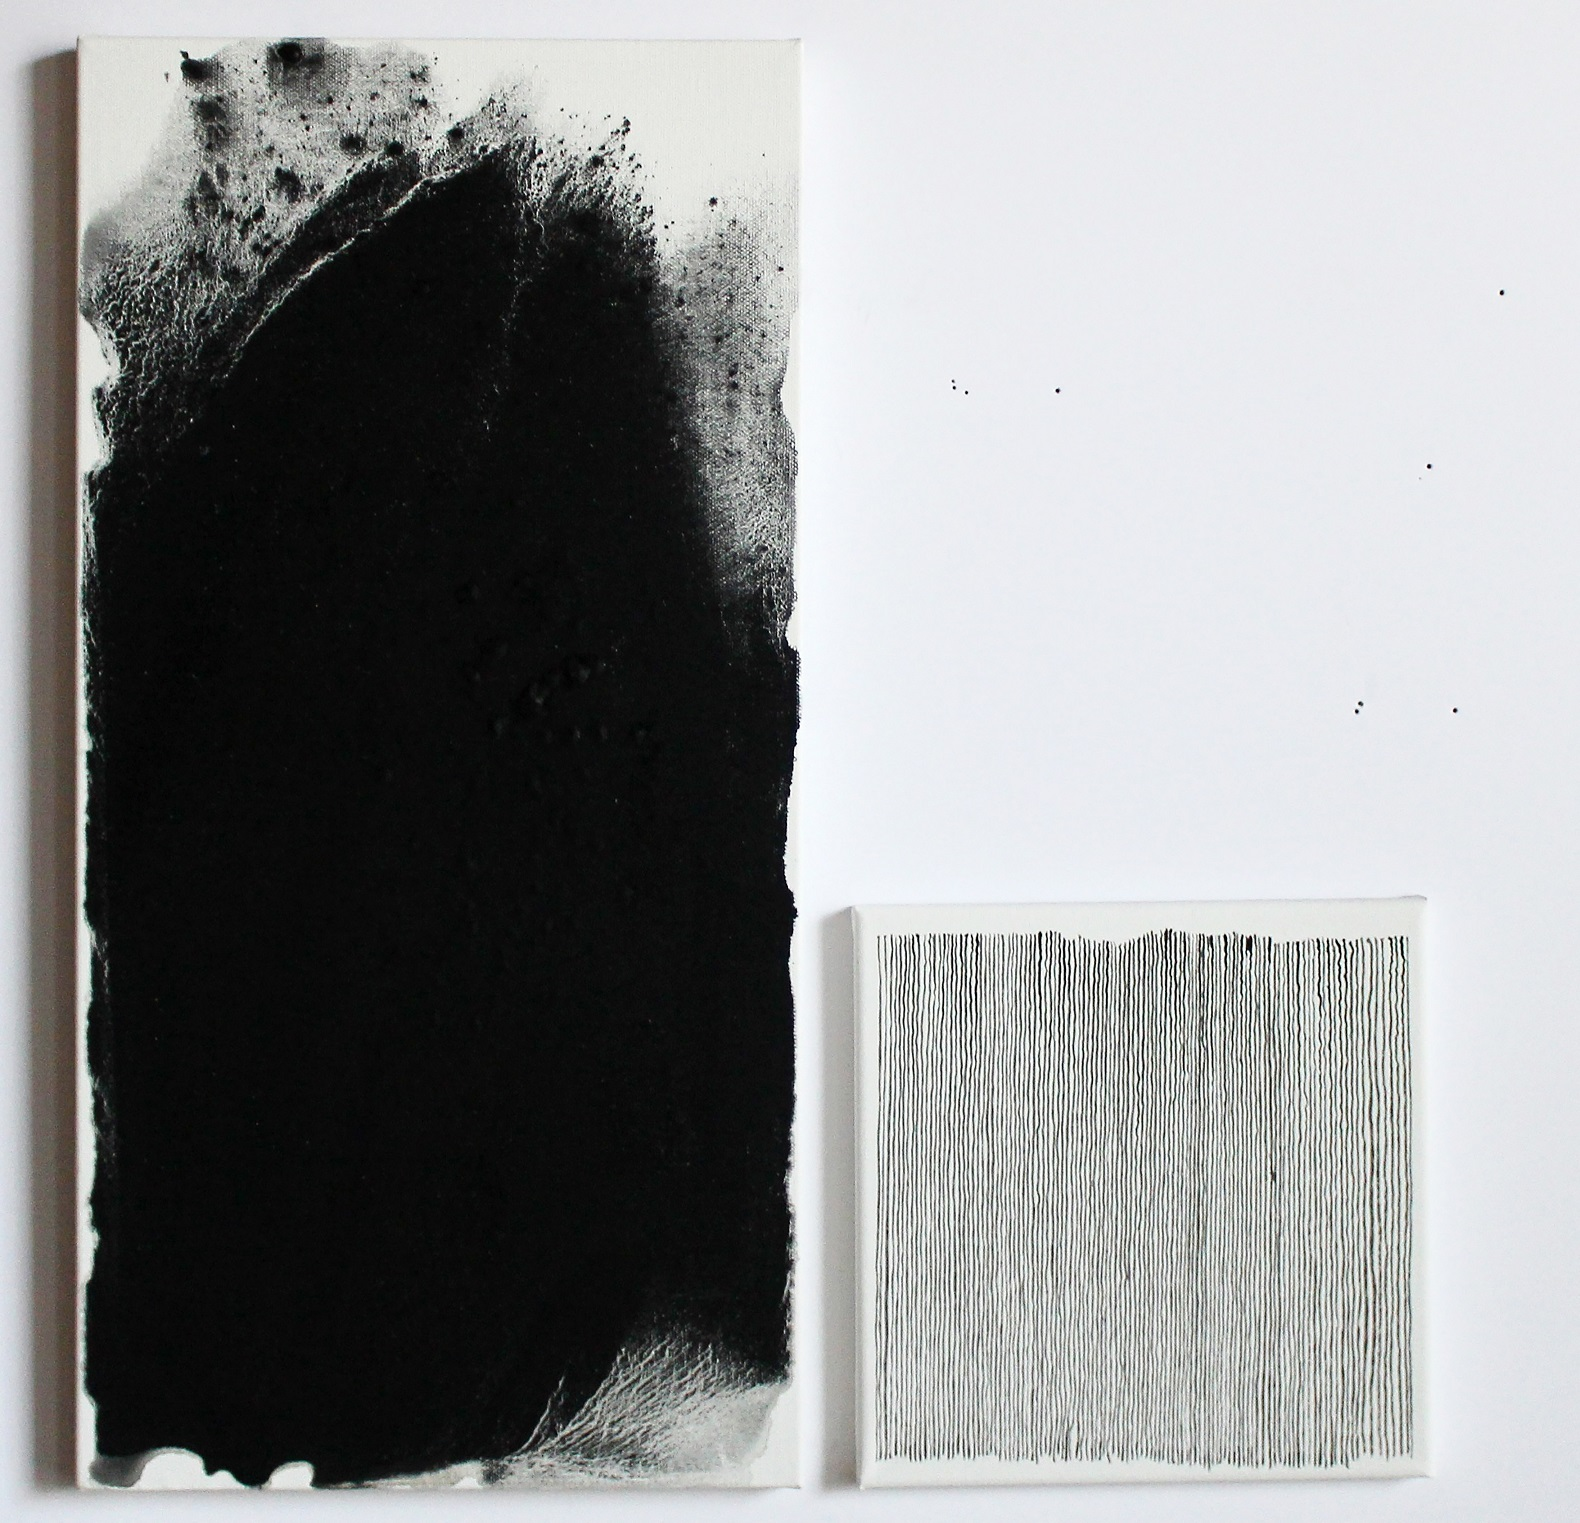 River Noir #5, 2018